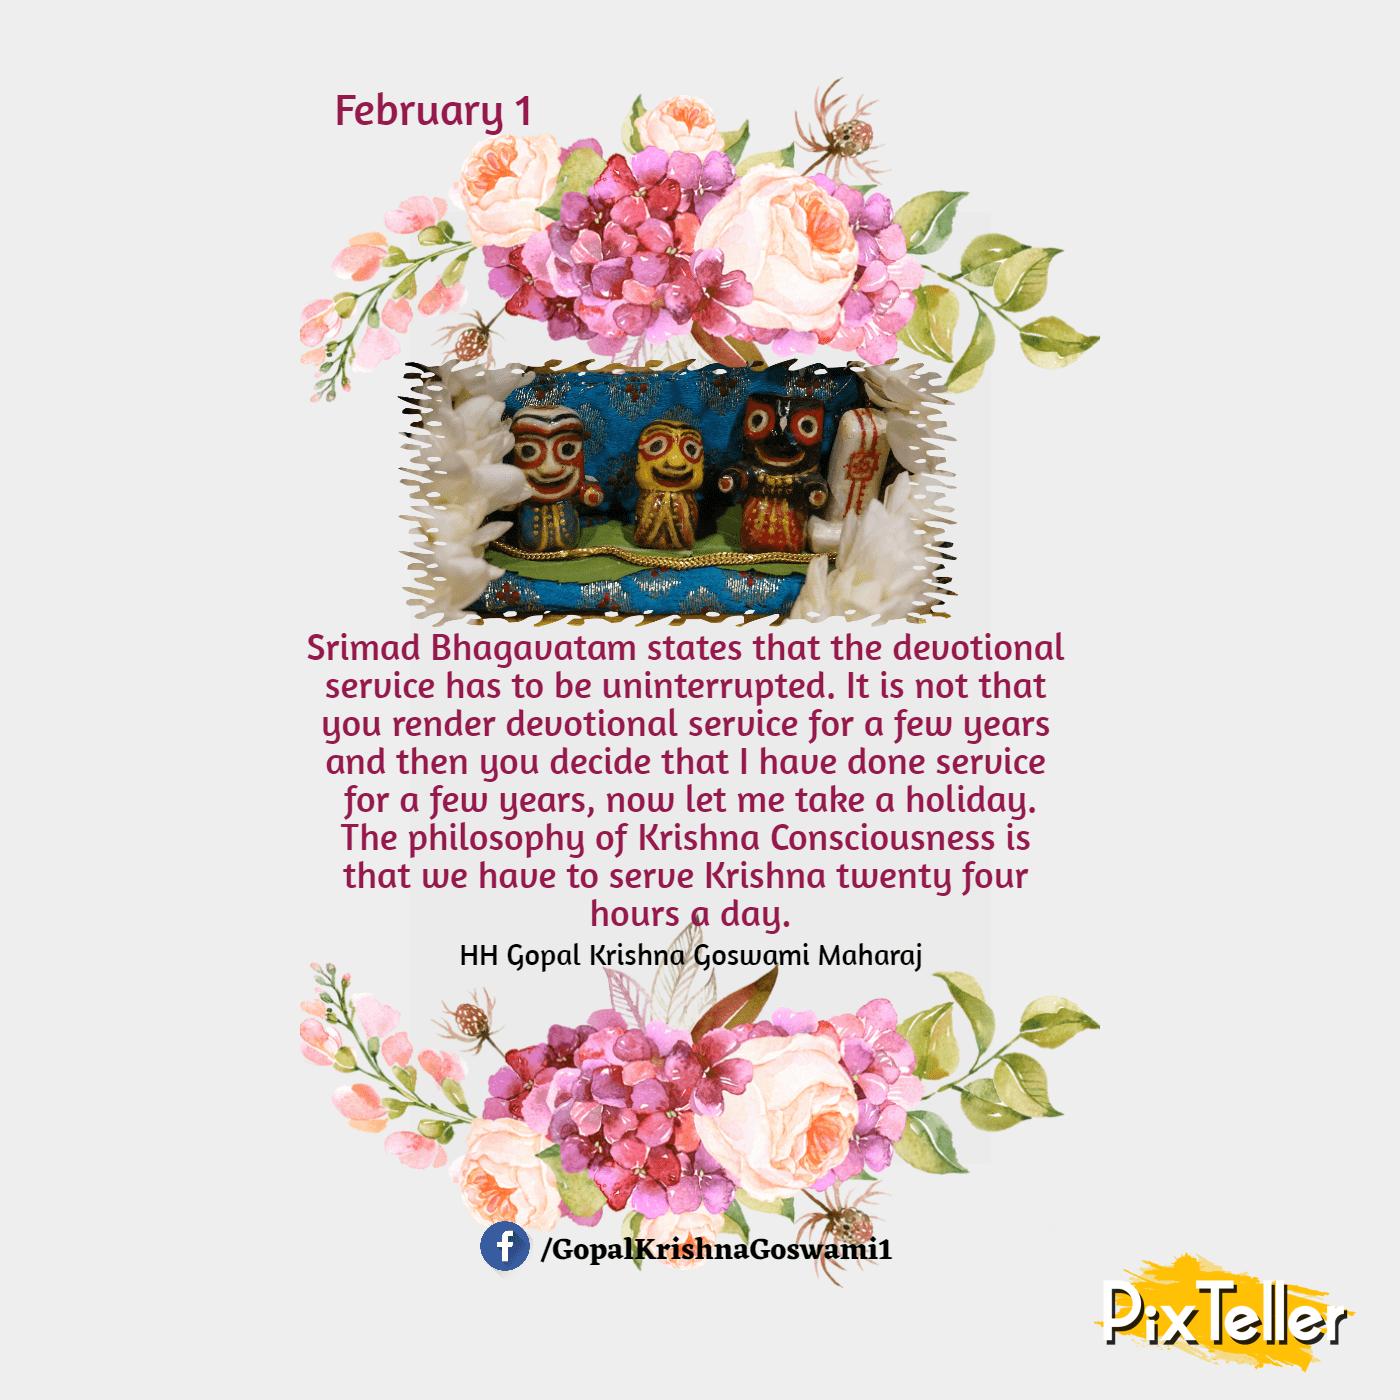 Flower,                Text,                Arranging,                Cut,                Flowers,                Flora,                Bouquet,                Flowering,                Plant,                Floral,                Design,                Petal,                Floristry,                 Free Image